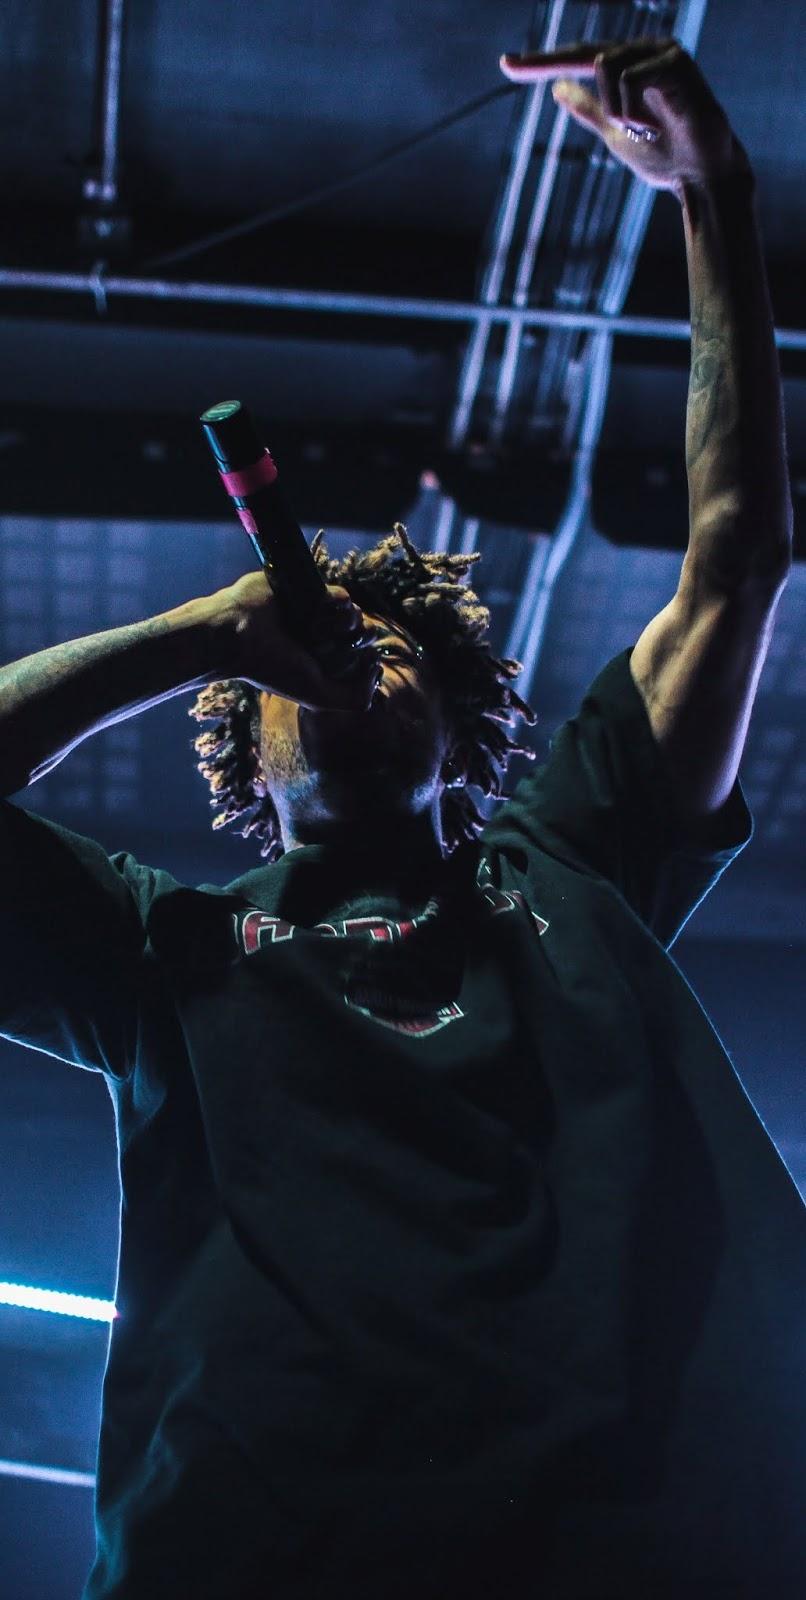 A rapper singing.